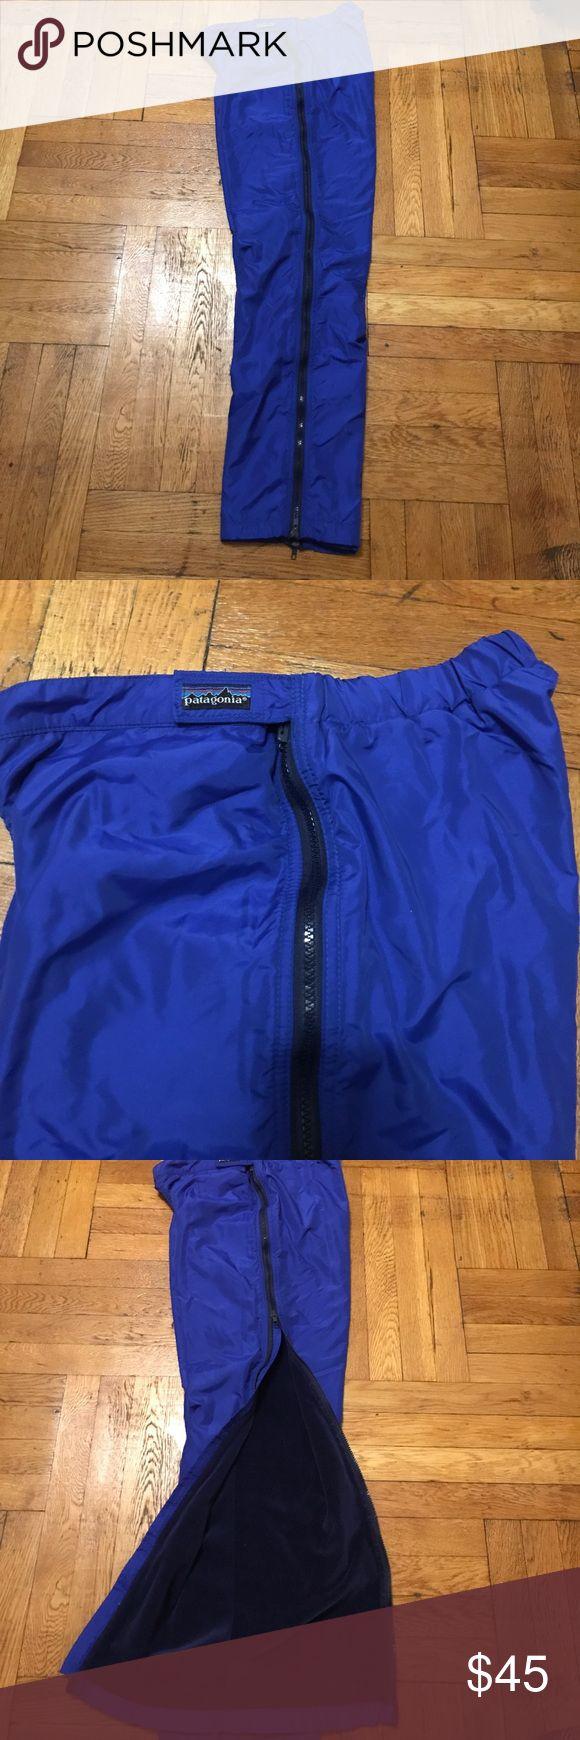 Vintage Patagonia ski pants Extremely warm ski winter pants. Zip on sides. Patagonia Pants